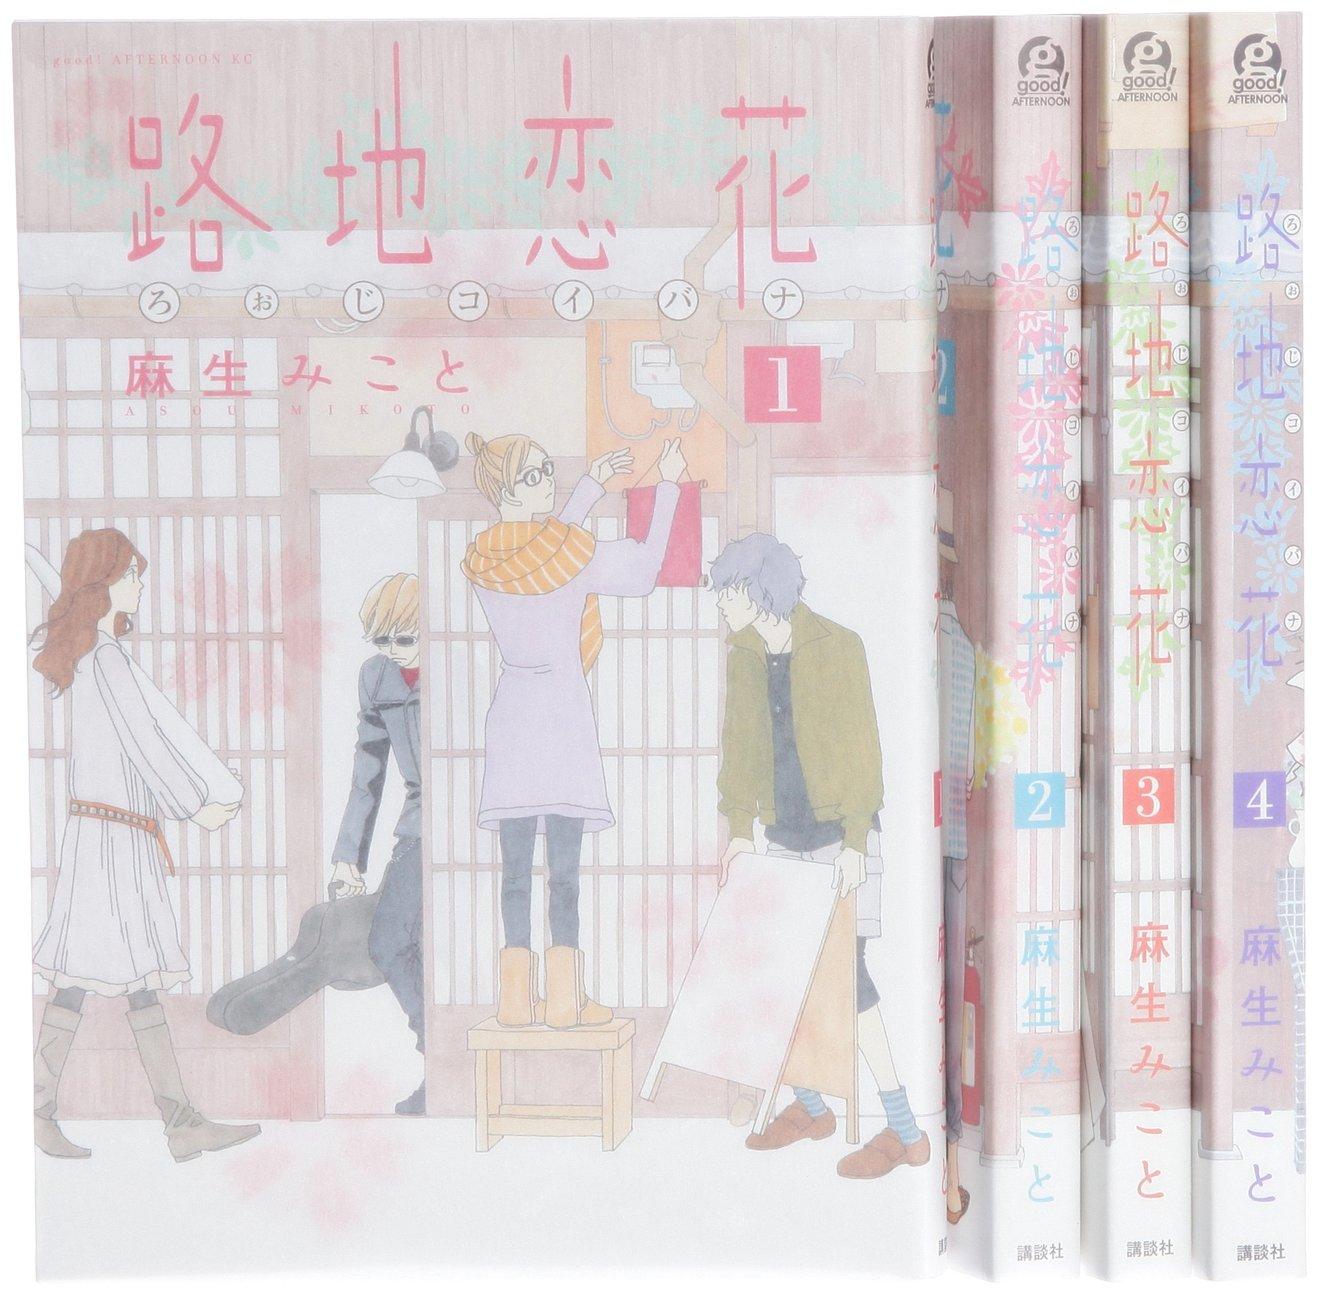 青年向け恋愛漫画おすすめランキングベスト6!【2000年代編】